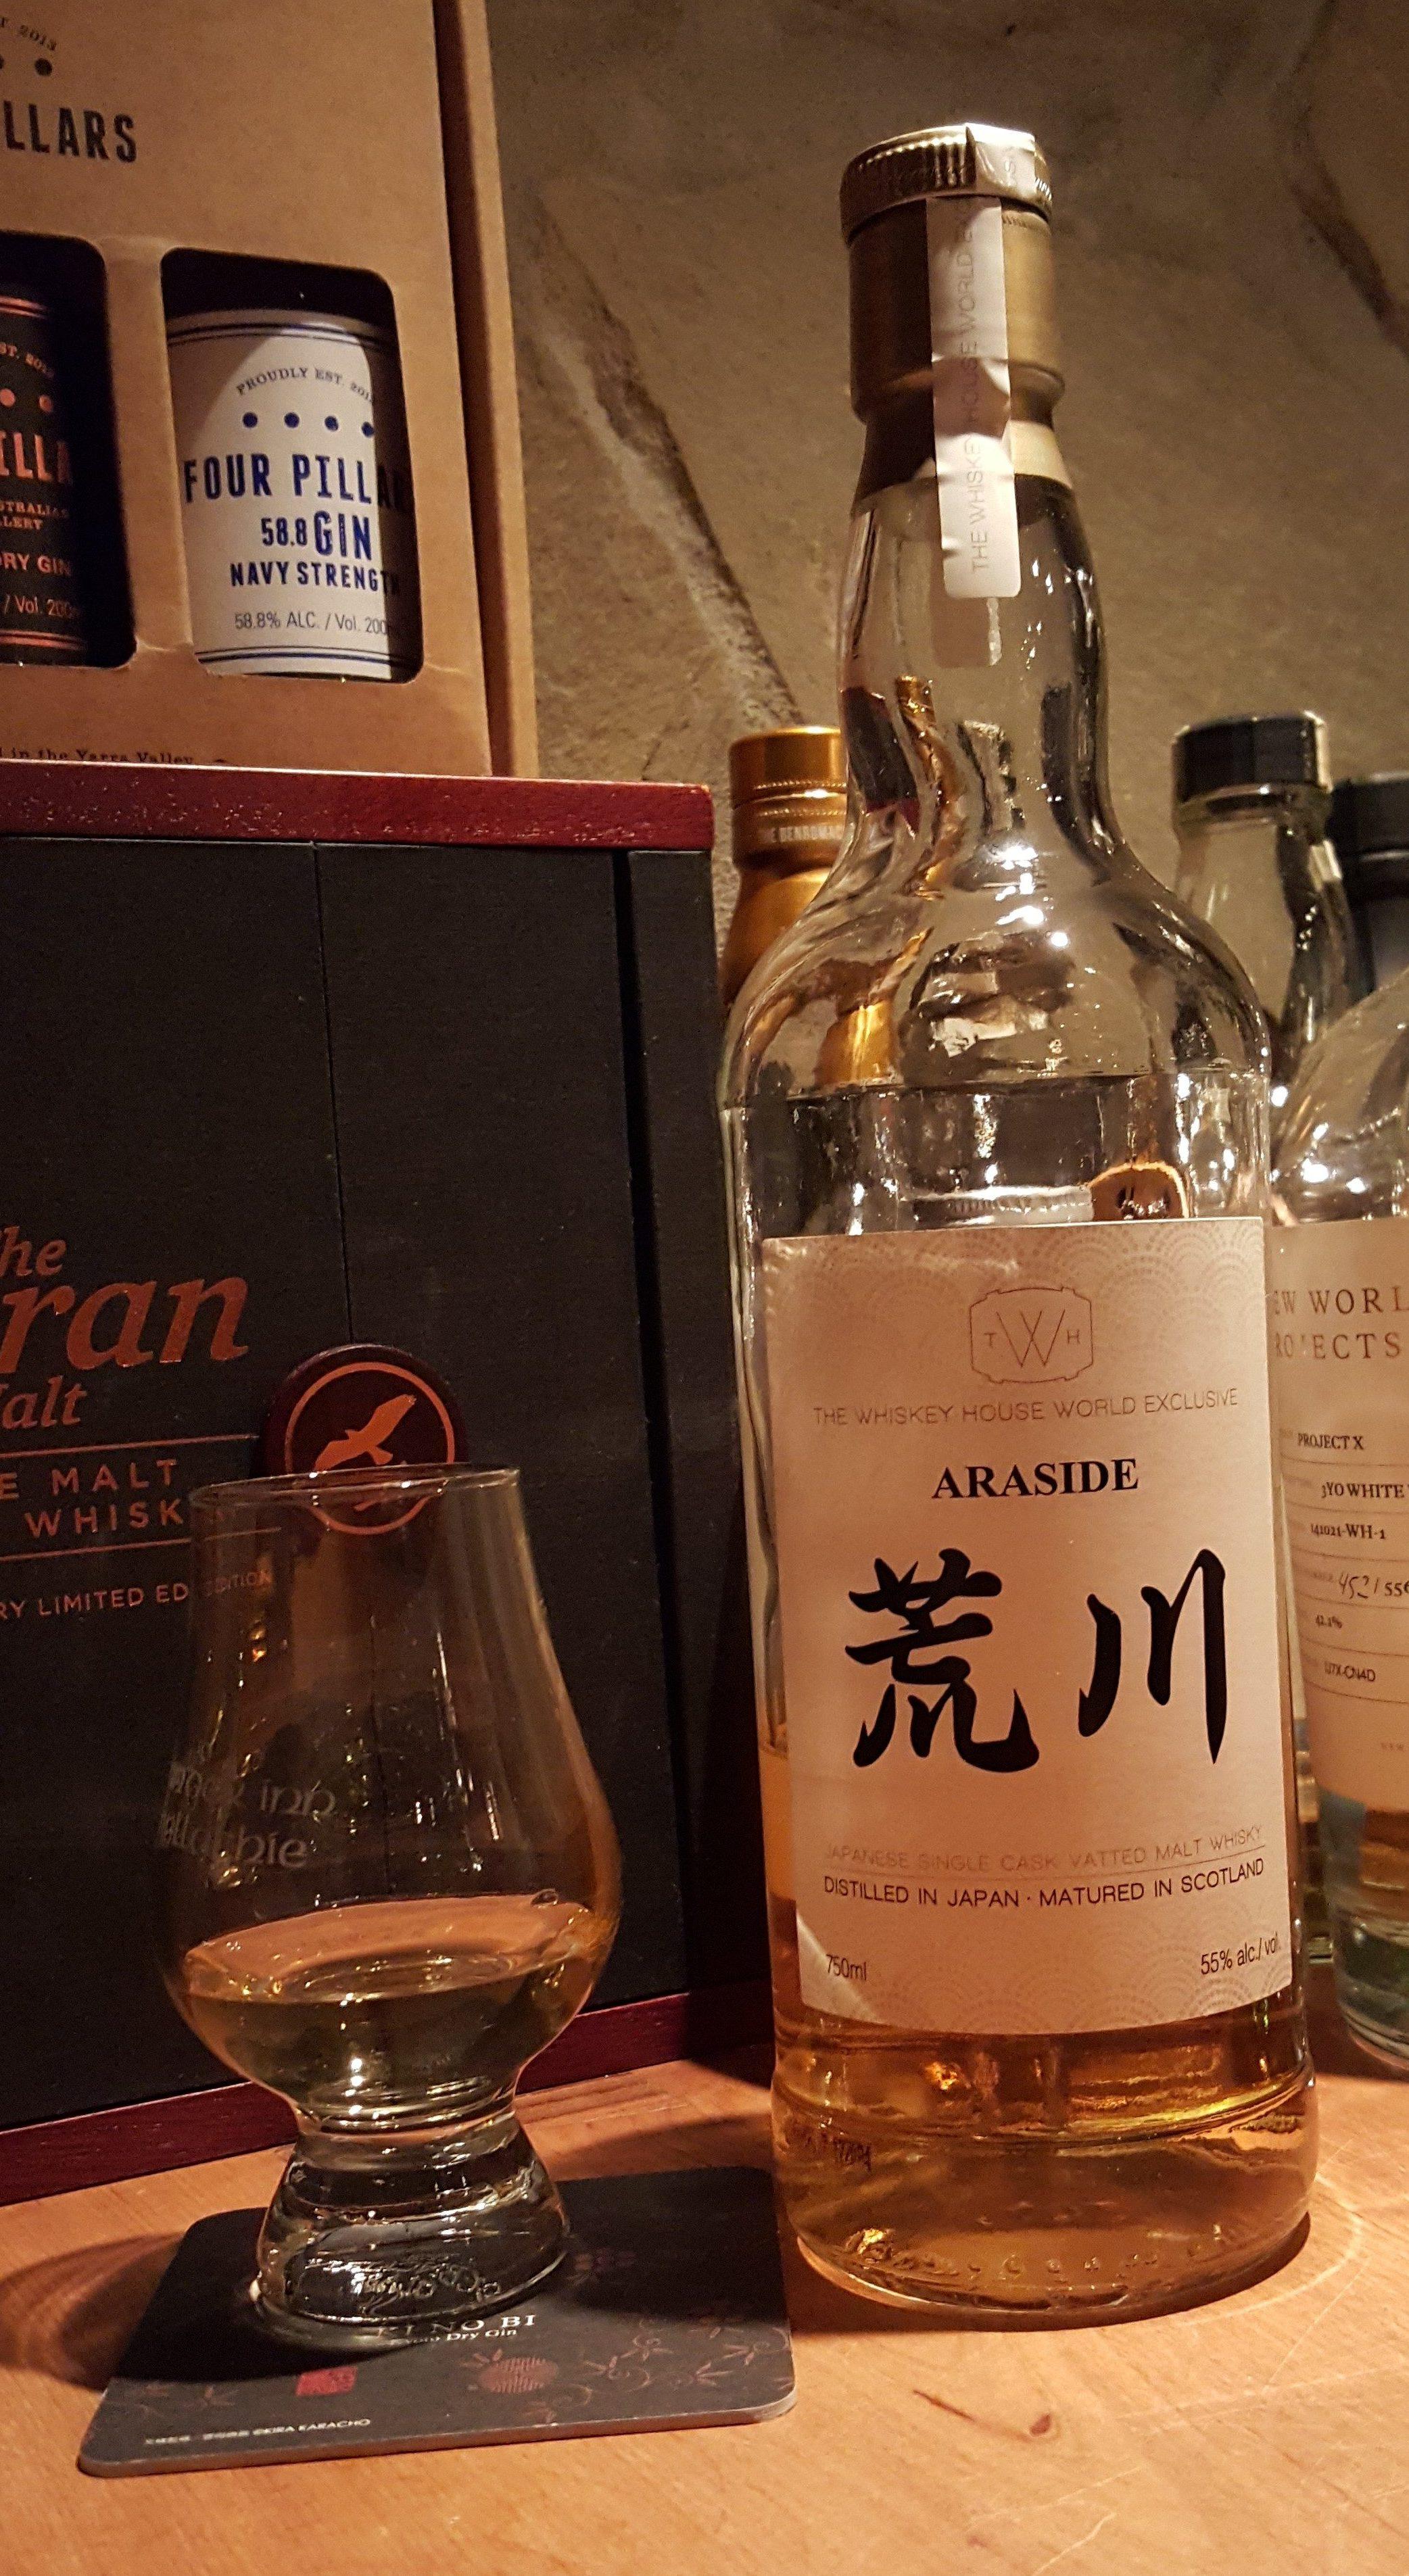 Araside, 2010-2017, Duncan Taylor, European Vintage Hogshead Cask 1 of 2, 330 bottles, 55% abv.